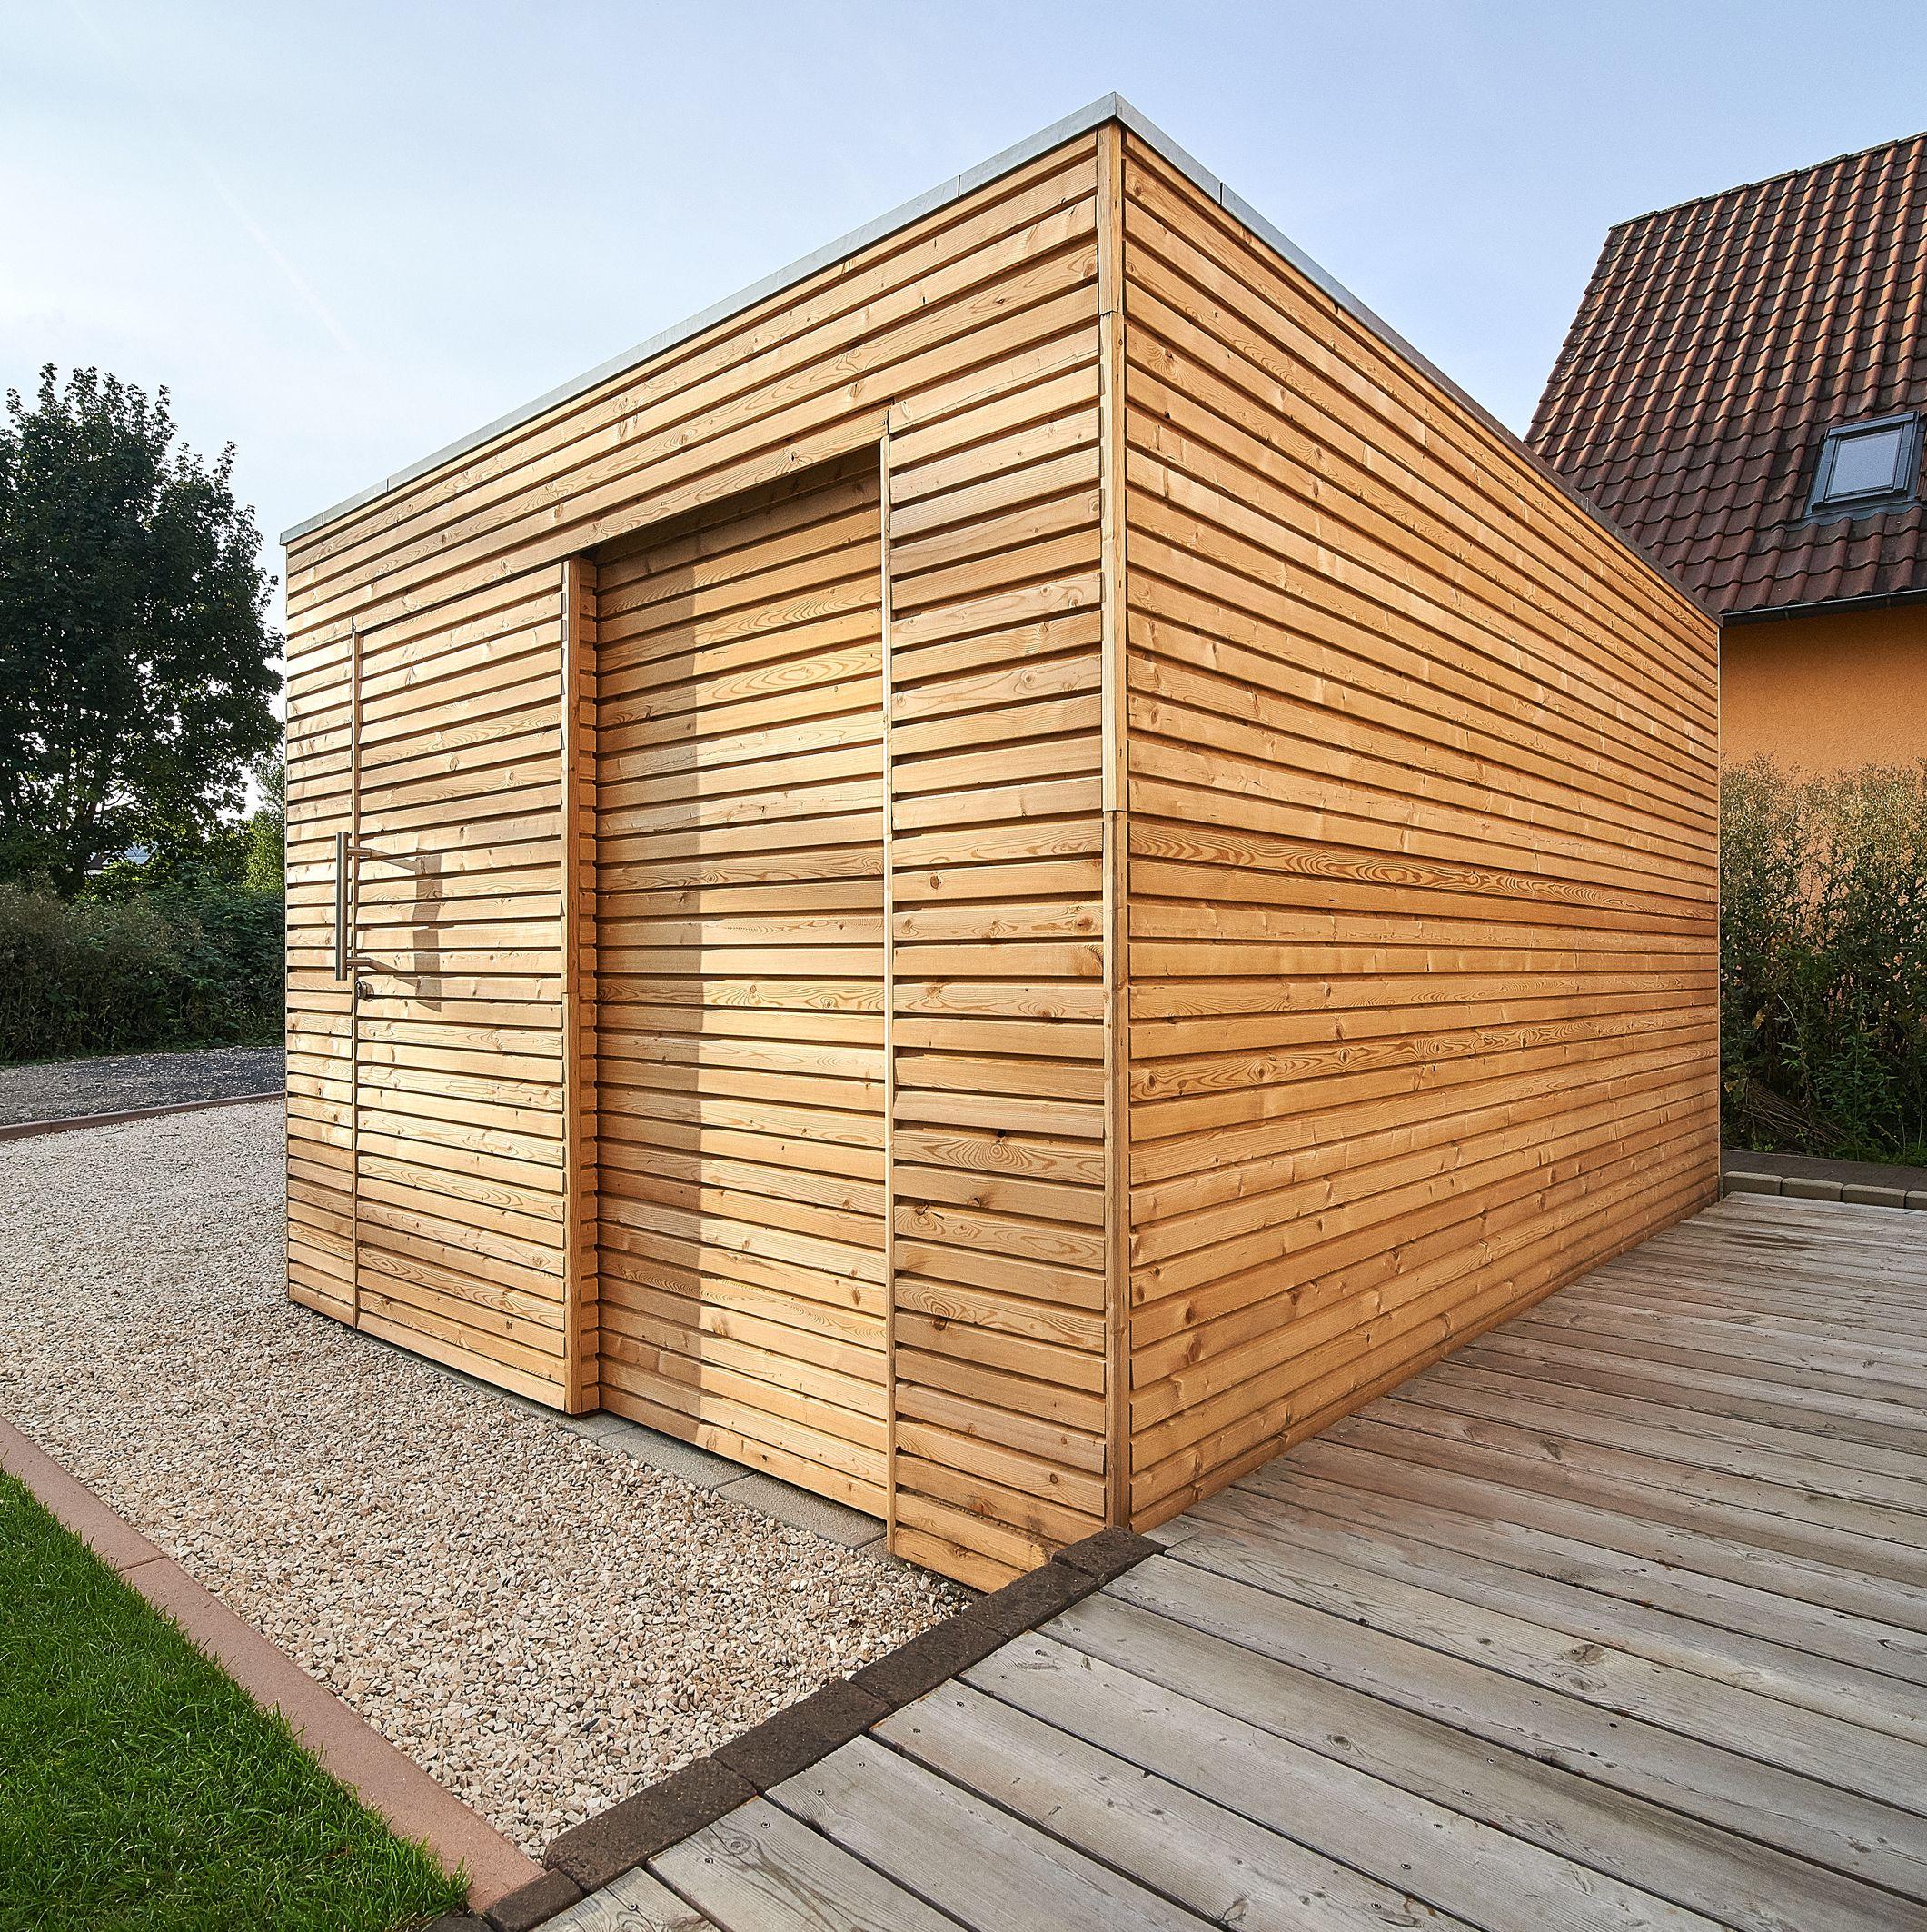 Gartenhaus Design Mit Laerchenholz Flachdach Schiebetur Und